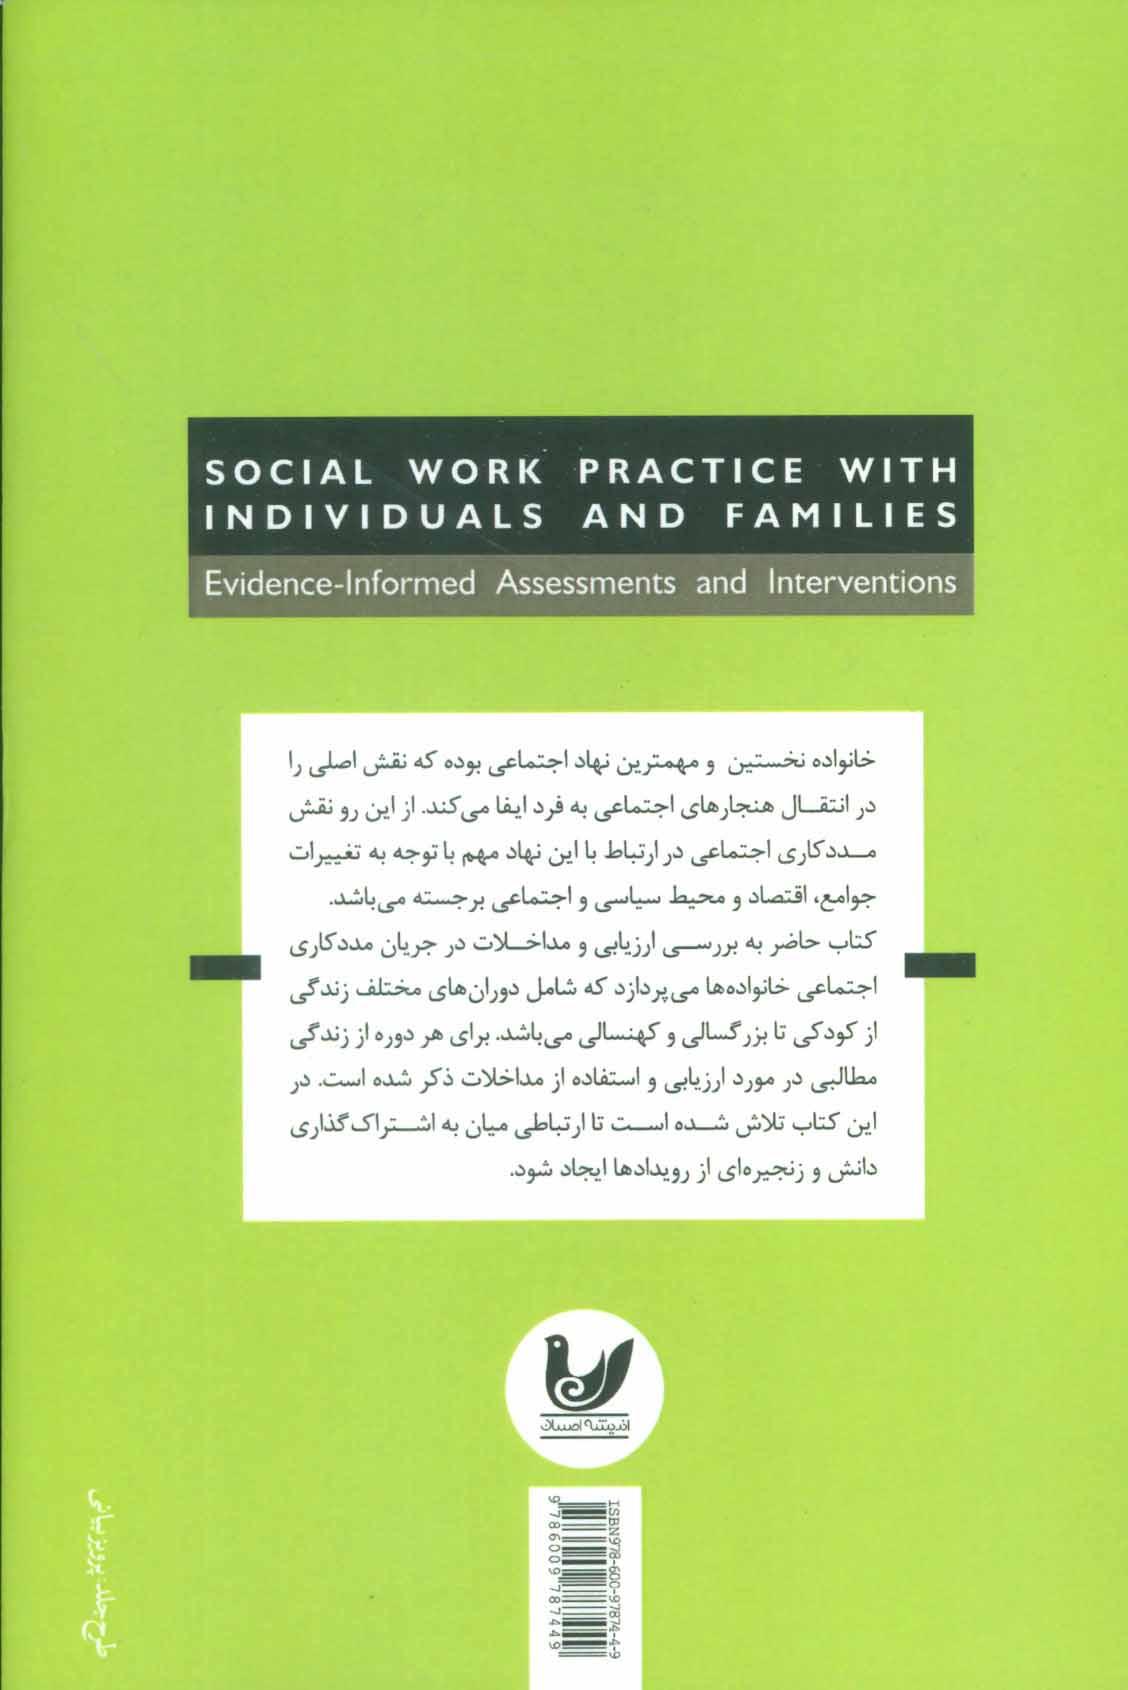 روش های مددکاری اجتماعی در ارتباط با افراد و خانواده ها